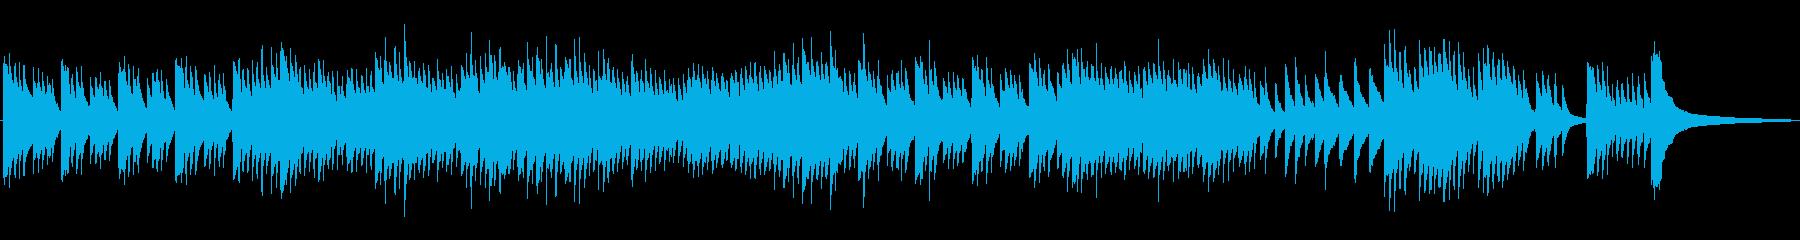 有名バッハチェロ曲をハープシコード2声での再生済みの波形